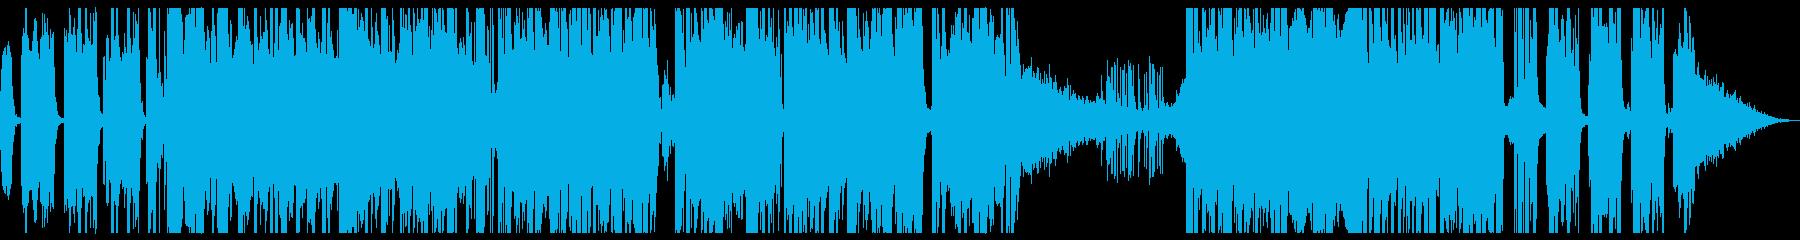 トラップ ヒップホップ 野生 ファ...の再生済みの波形